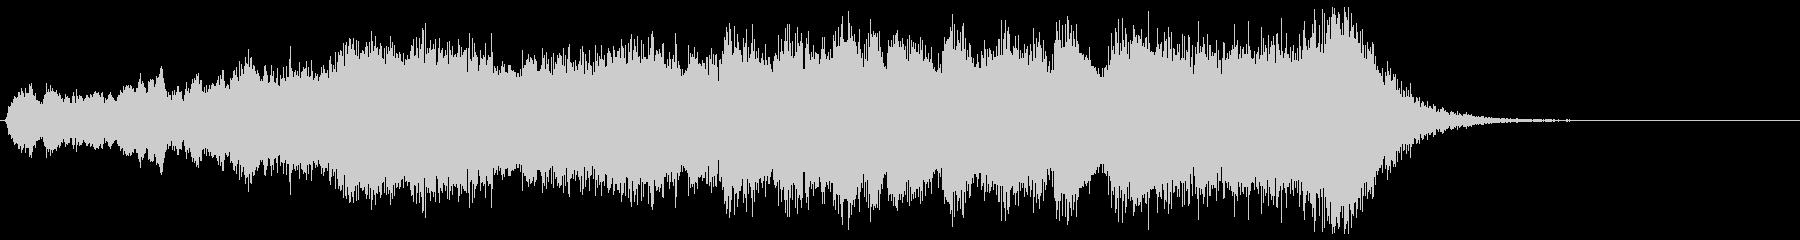 金管カノンが勇壮なフルオケジングル合唱抜の未再生の波形